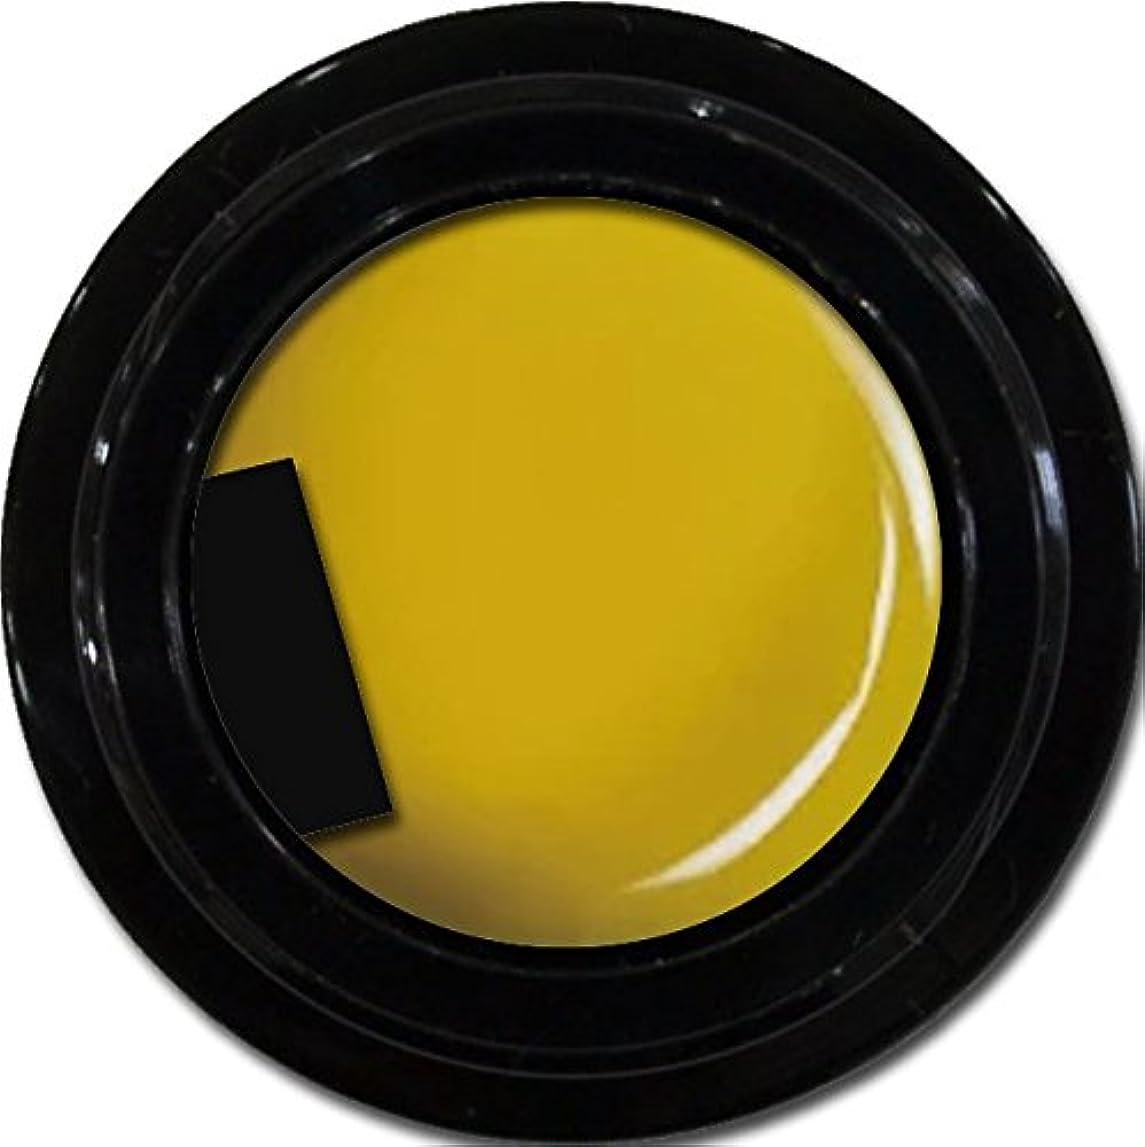 三十満たすオークカラージェル enchant color gel M604 Mustard 3g/ マットカラージェル M604 マスタード 3グラム